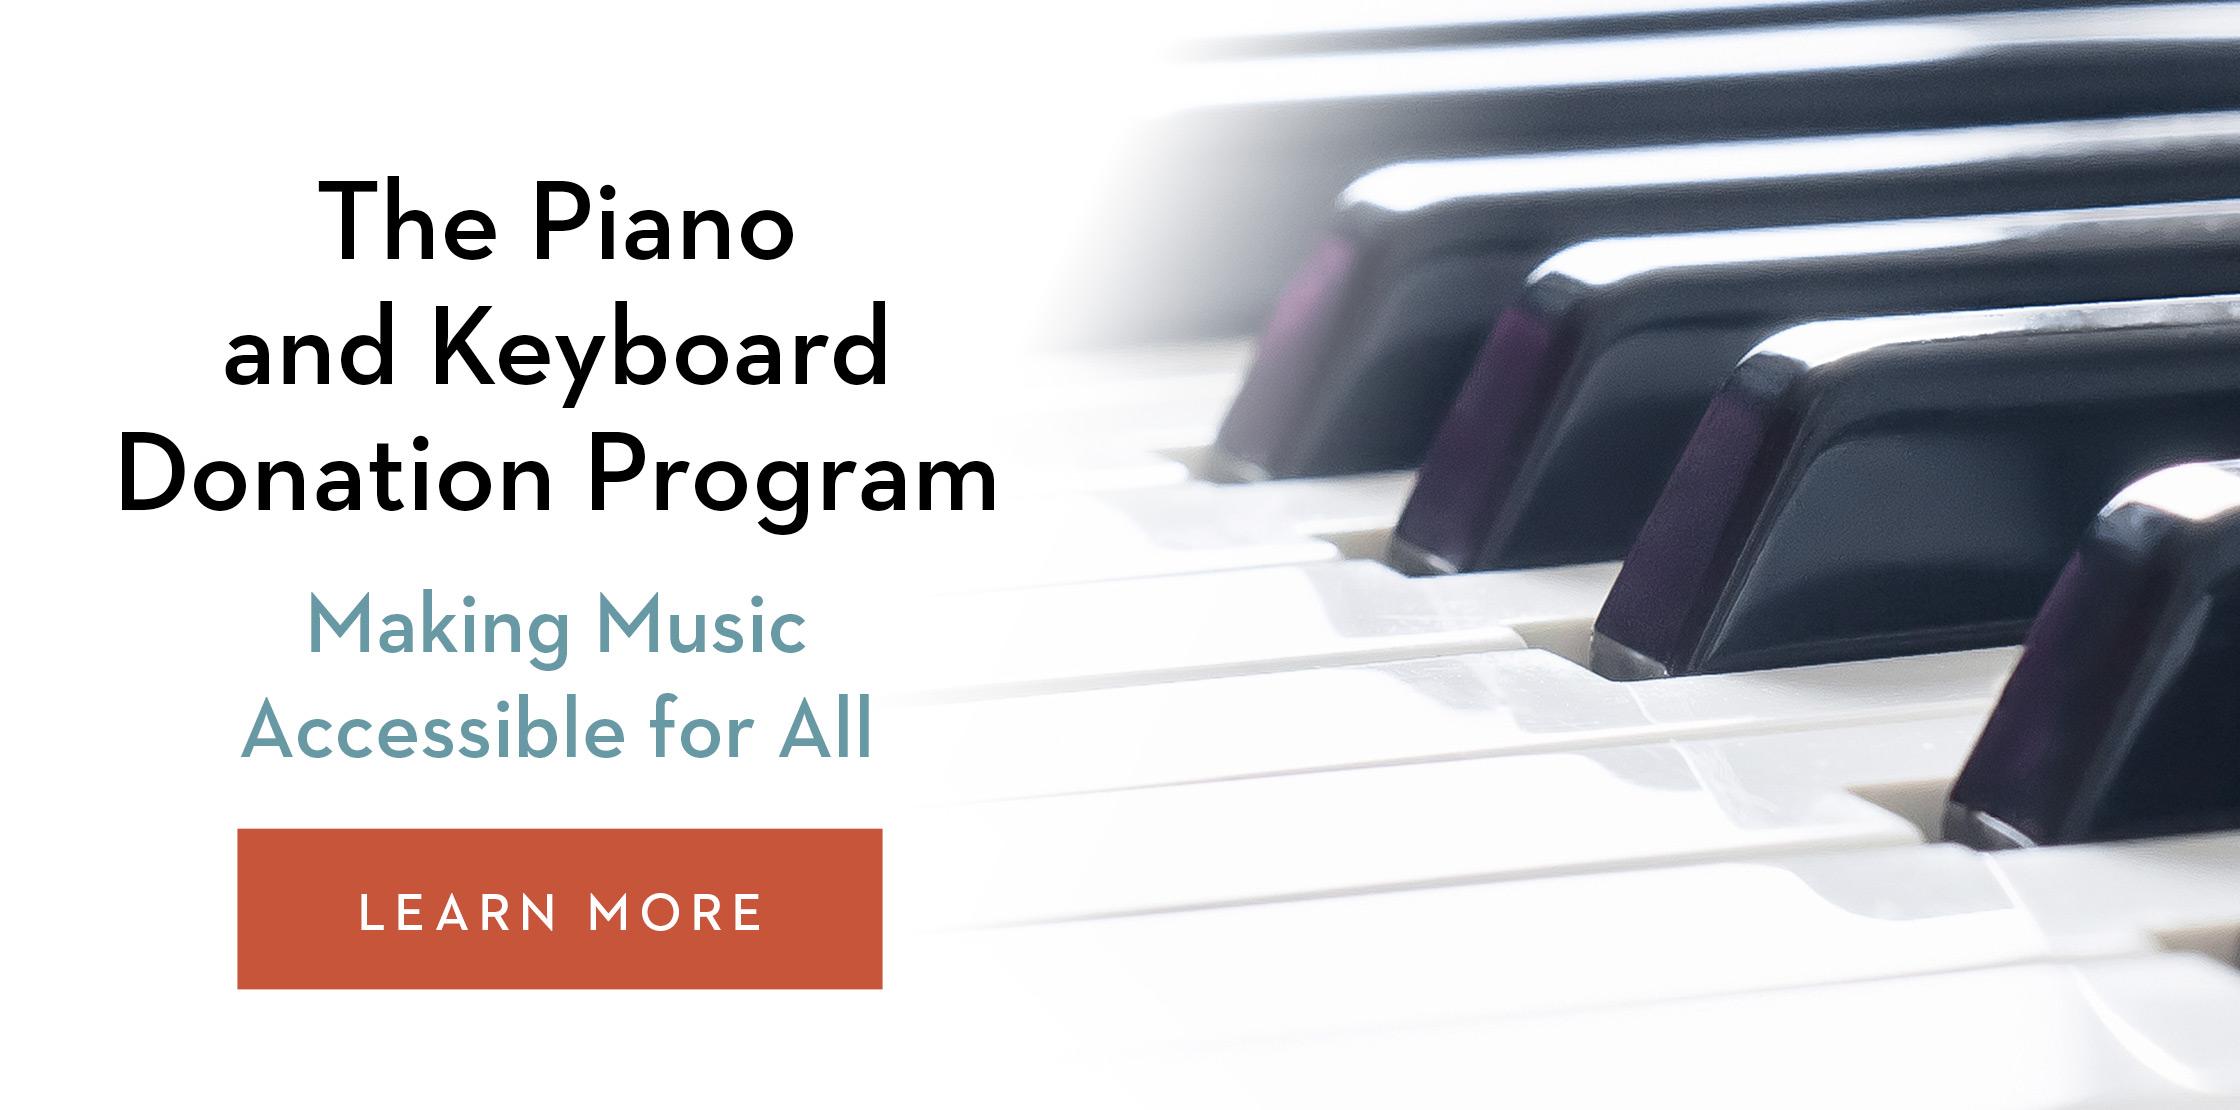 The Piano Keyboard Donation Program